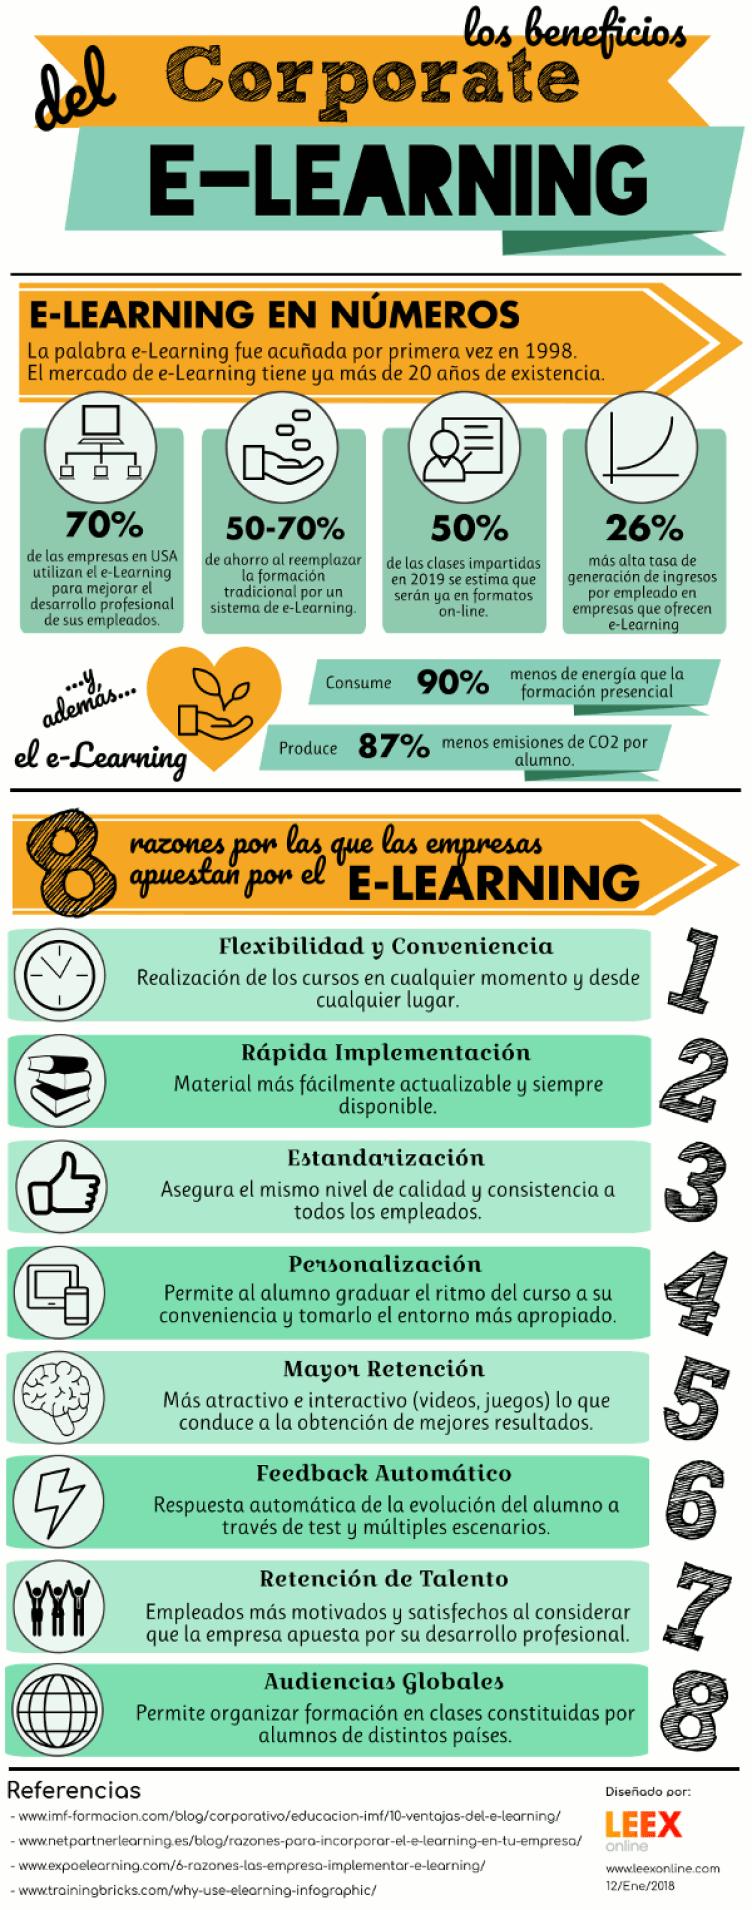 Las ventajas del corporate eLearning